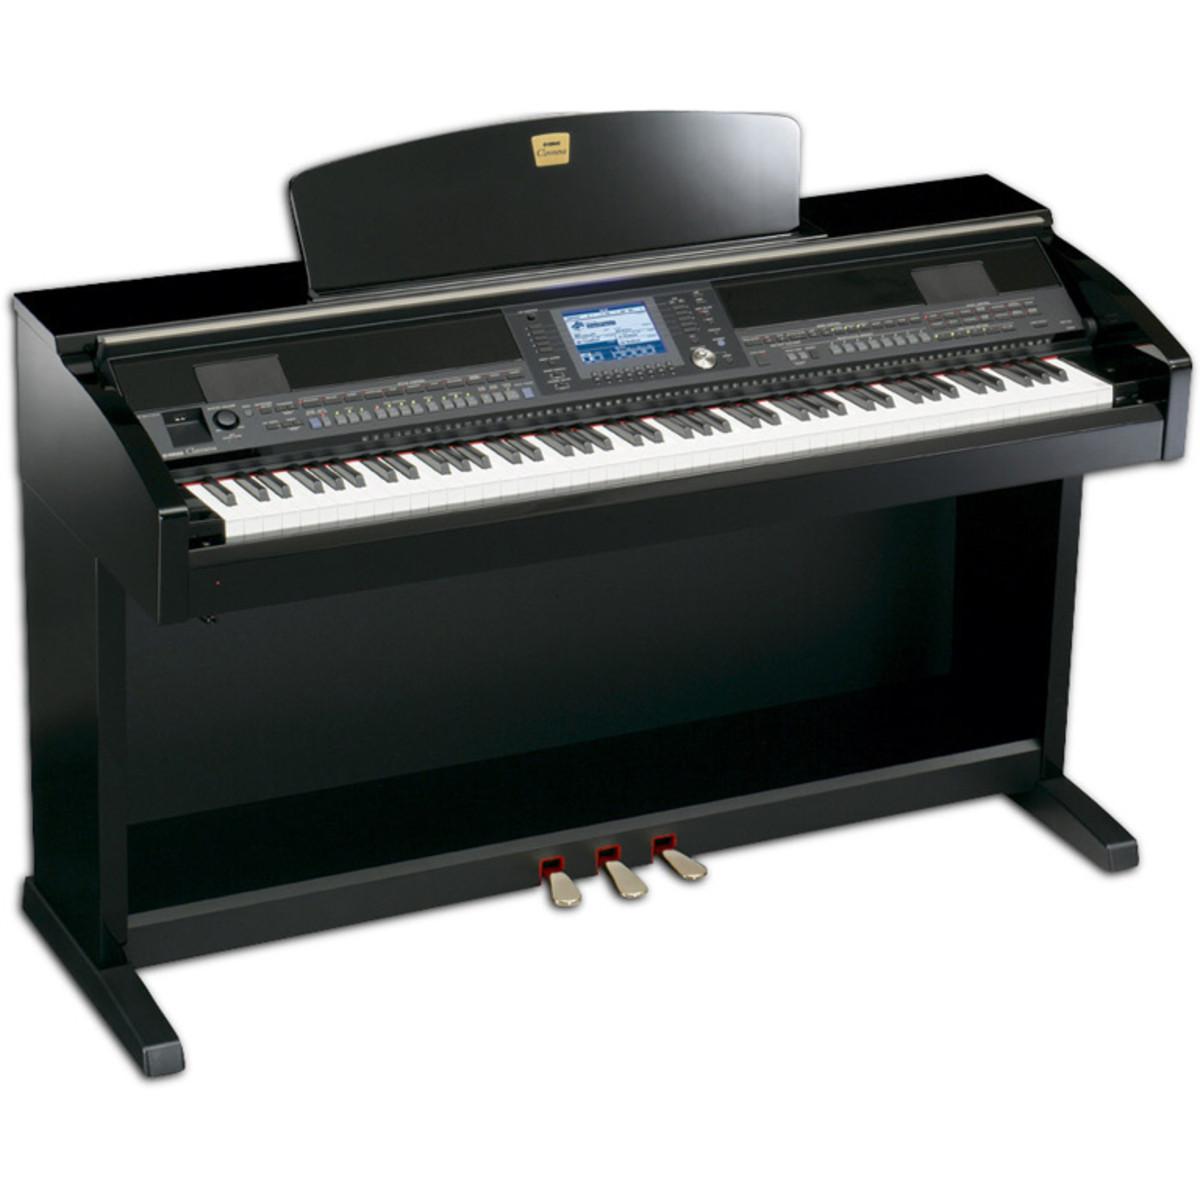 Yamaha clavinova cvp403 polished ebony at for Yamaha clavinova price